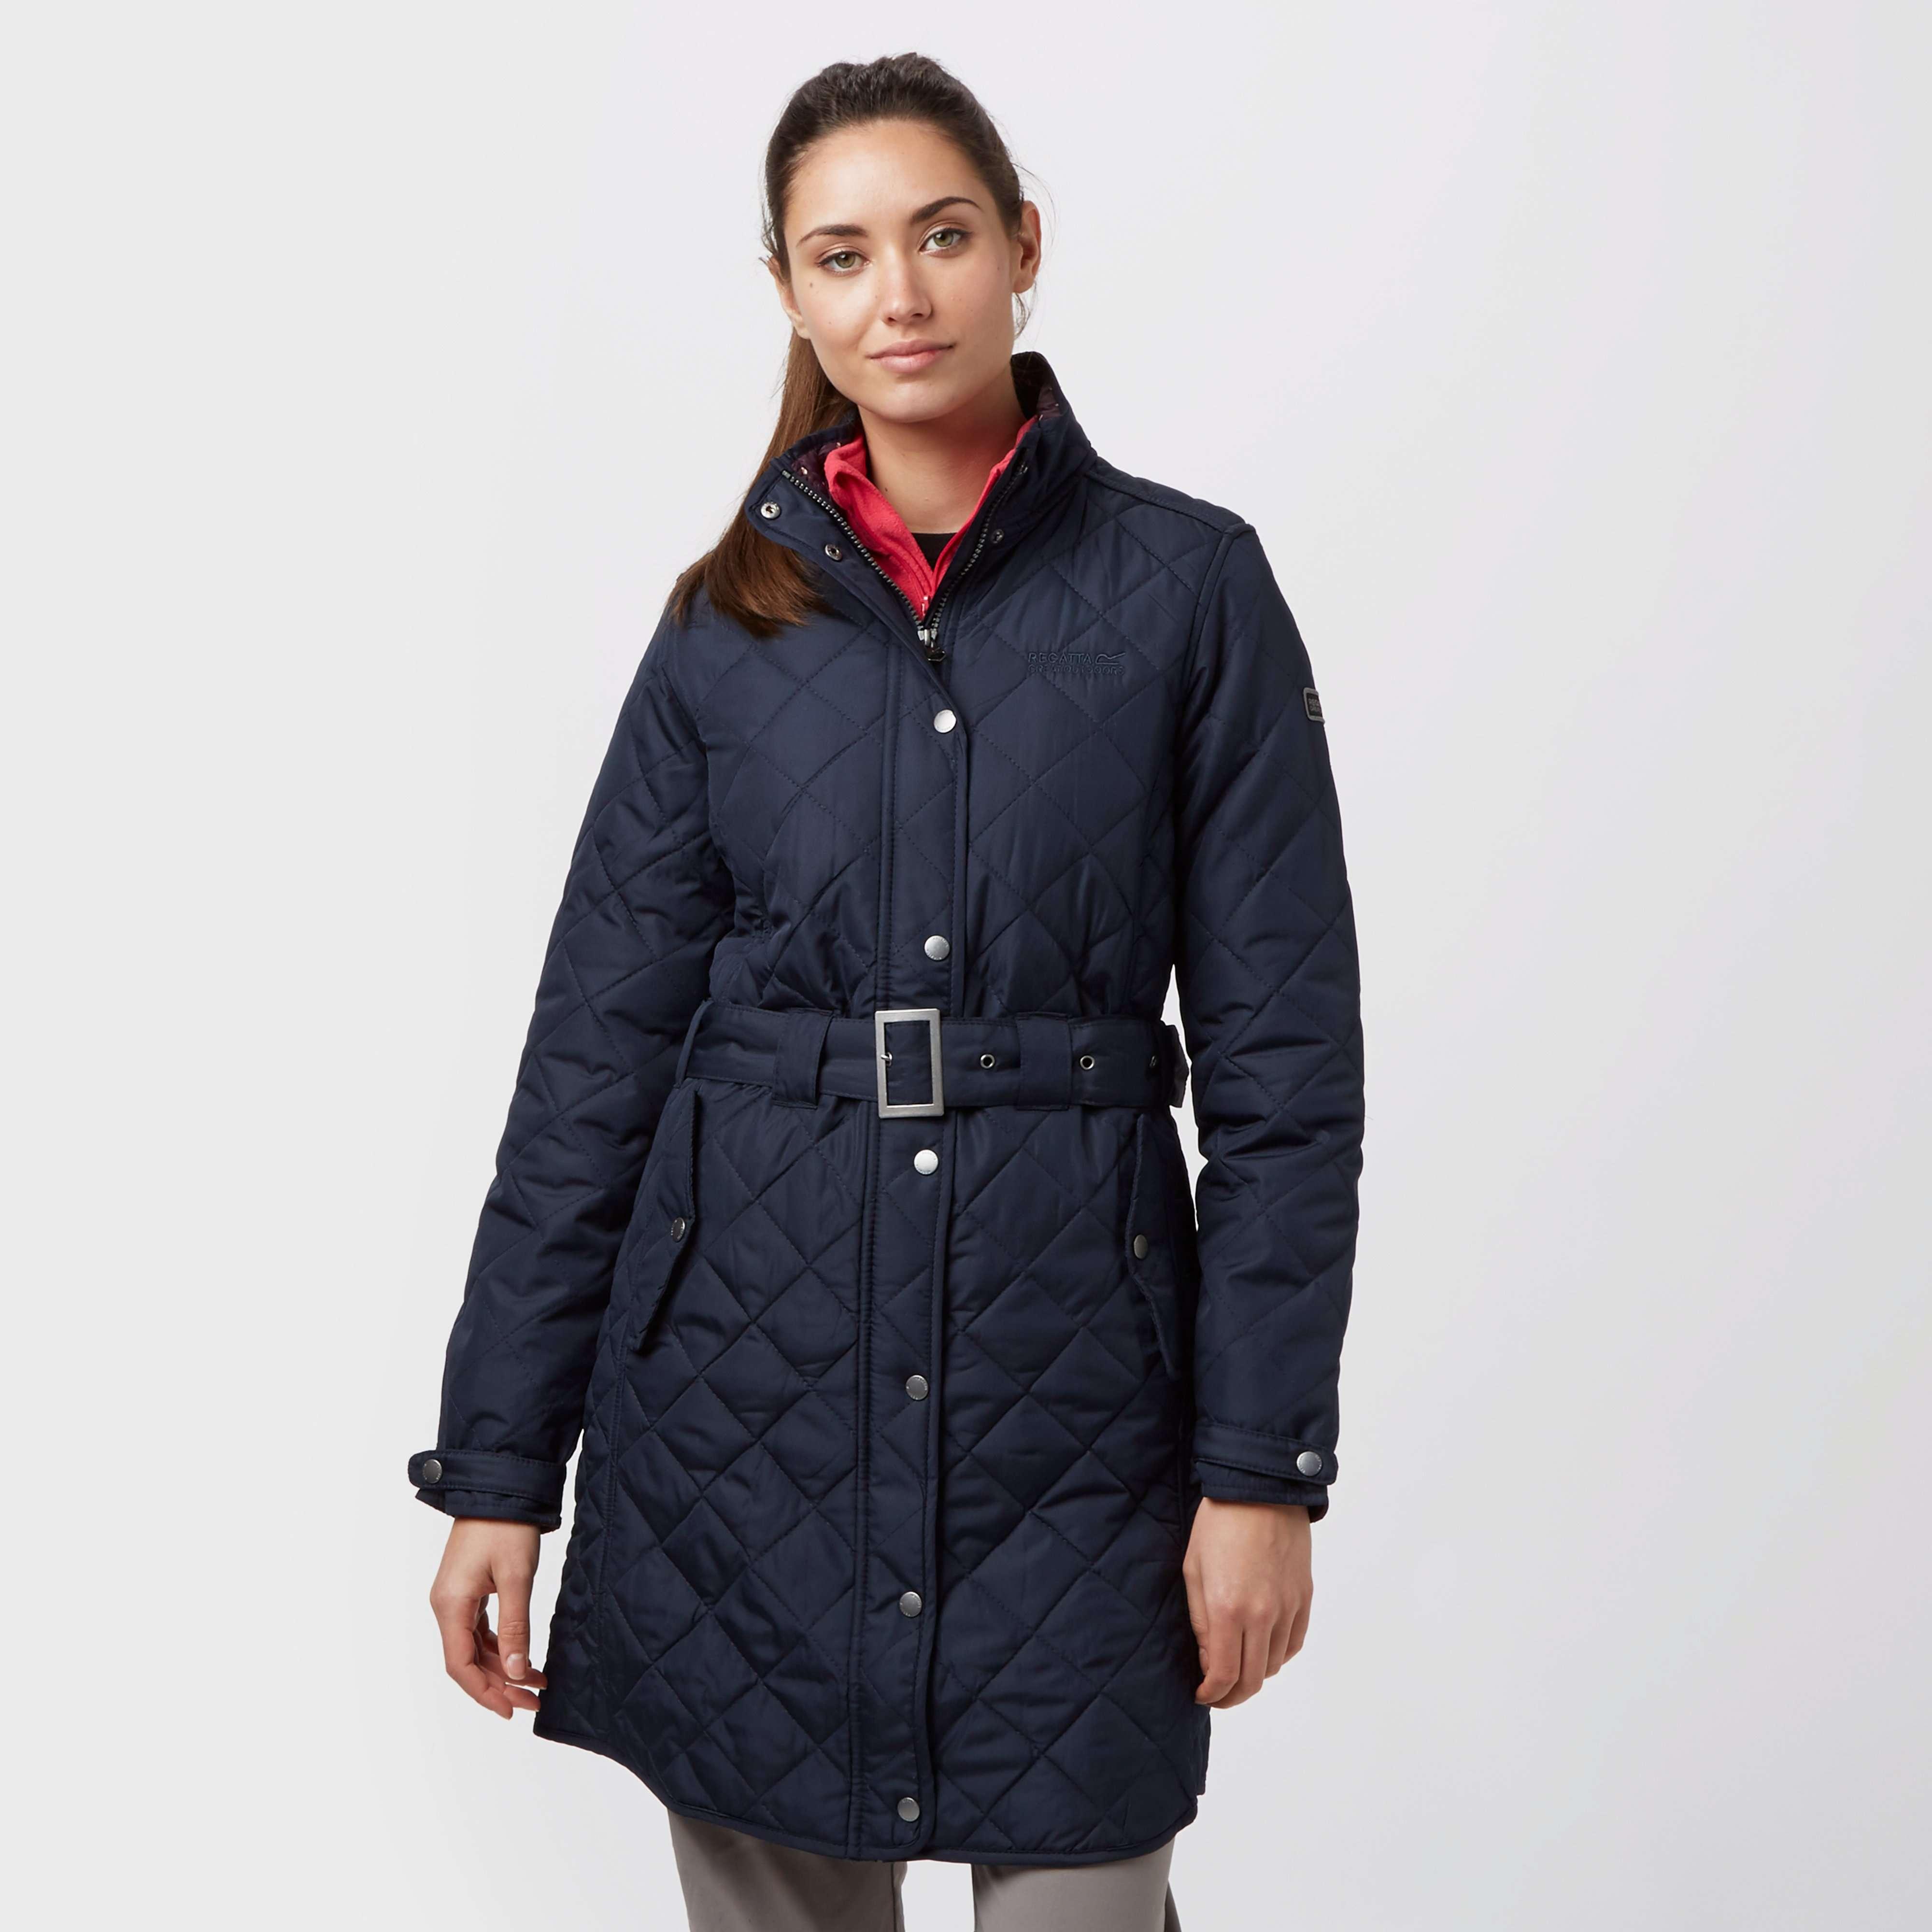 REGATTA Women's Cordelette Jacket